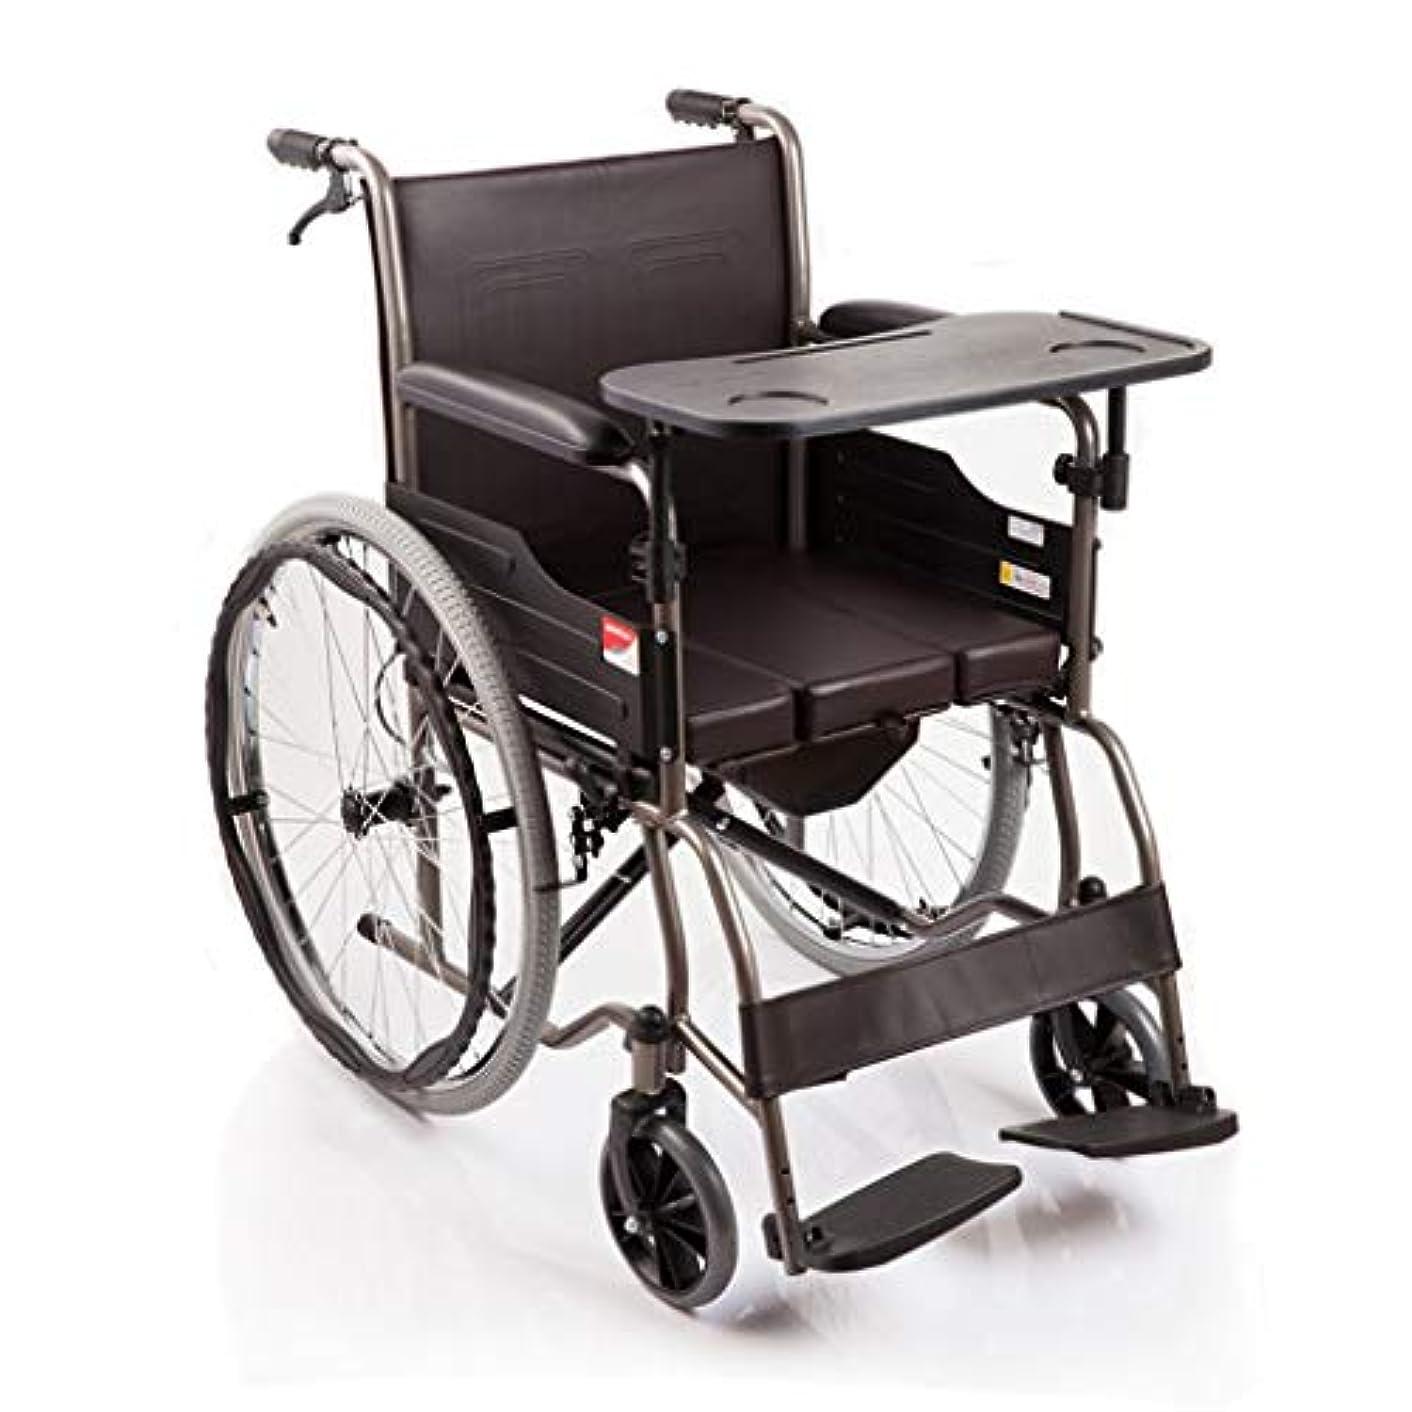 ミスペンド雇用影響力のある手動車椅子シミュレーションレザーシートクッション、多機能車椅子、高齢者用屋外折りたたみ式トイレデザイン車椅子